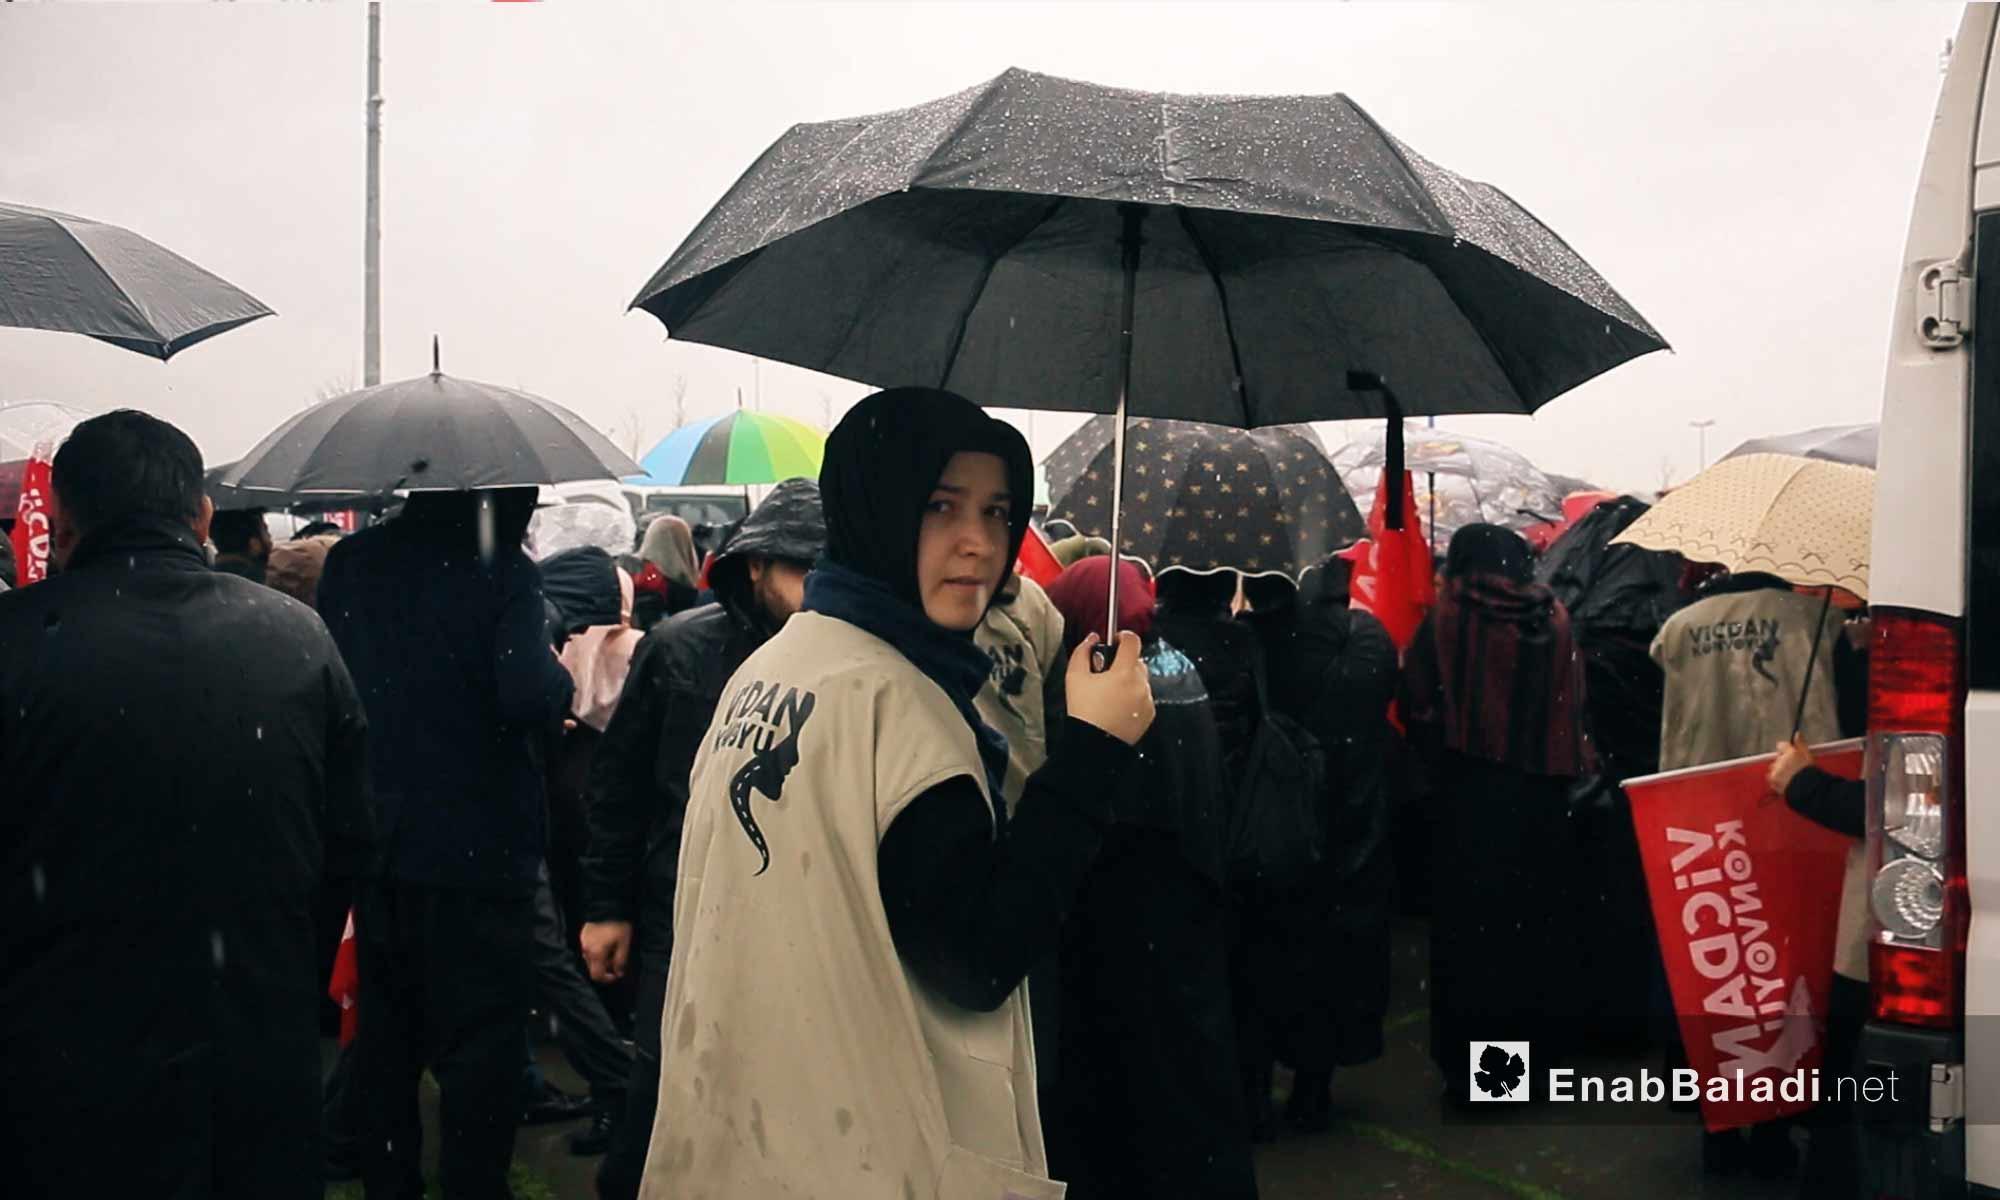 """مشاركات في قافلة """"َالضمير"""" لدعم المعتقلات السوريات في اسطنبول - 6 آذار 2018 (عنب بلدي)"""